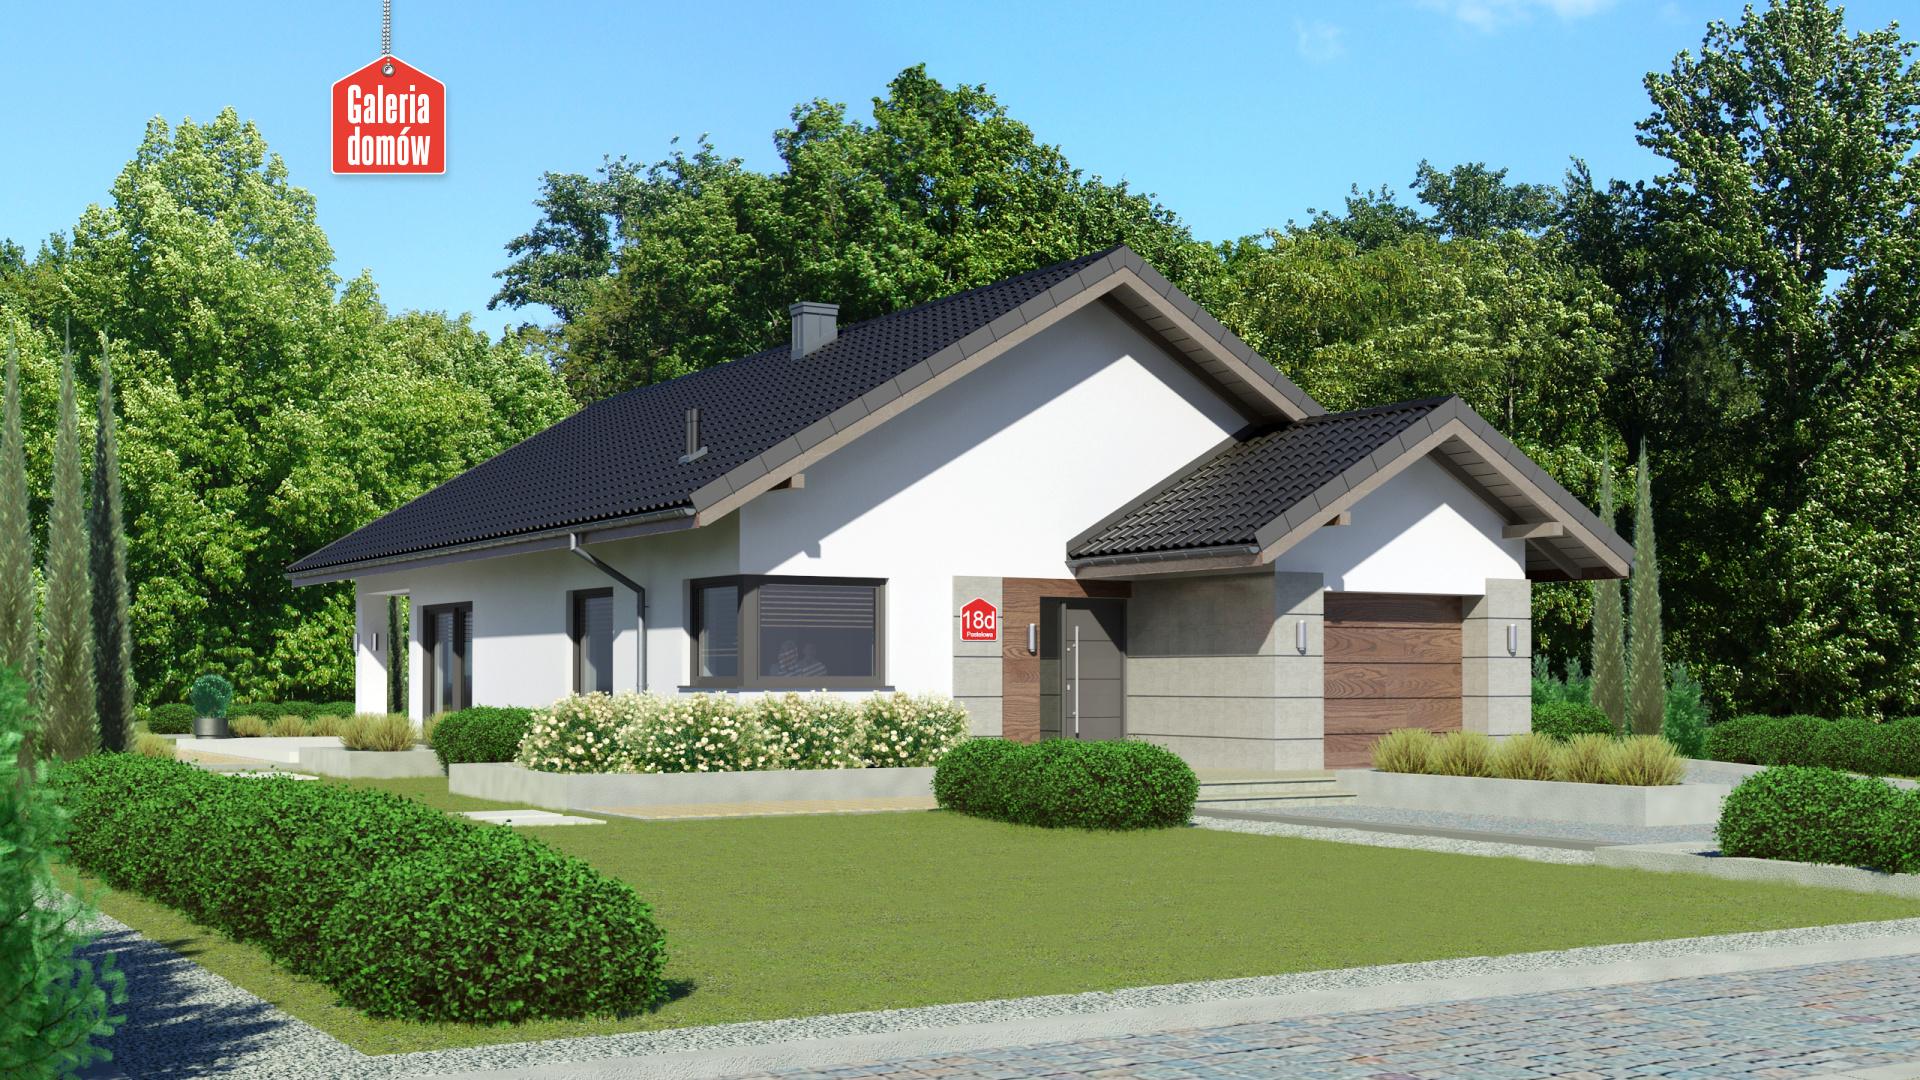 Dom przy Pastelowej 18 D bis - zdjęcie projektu i wizualizacja